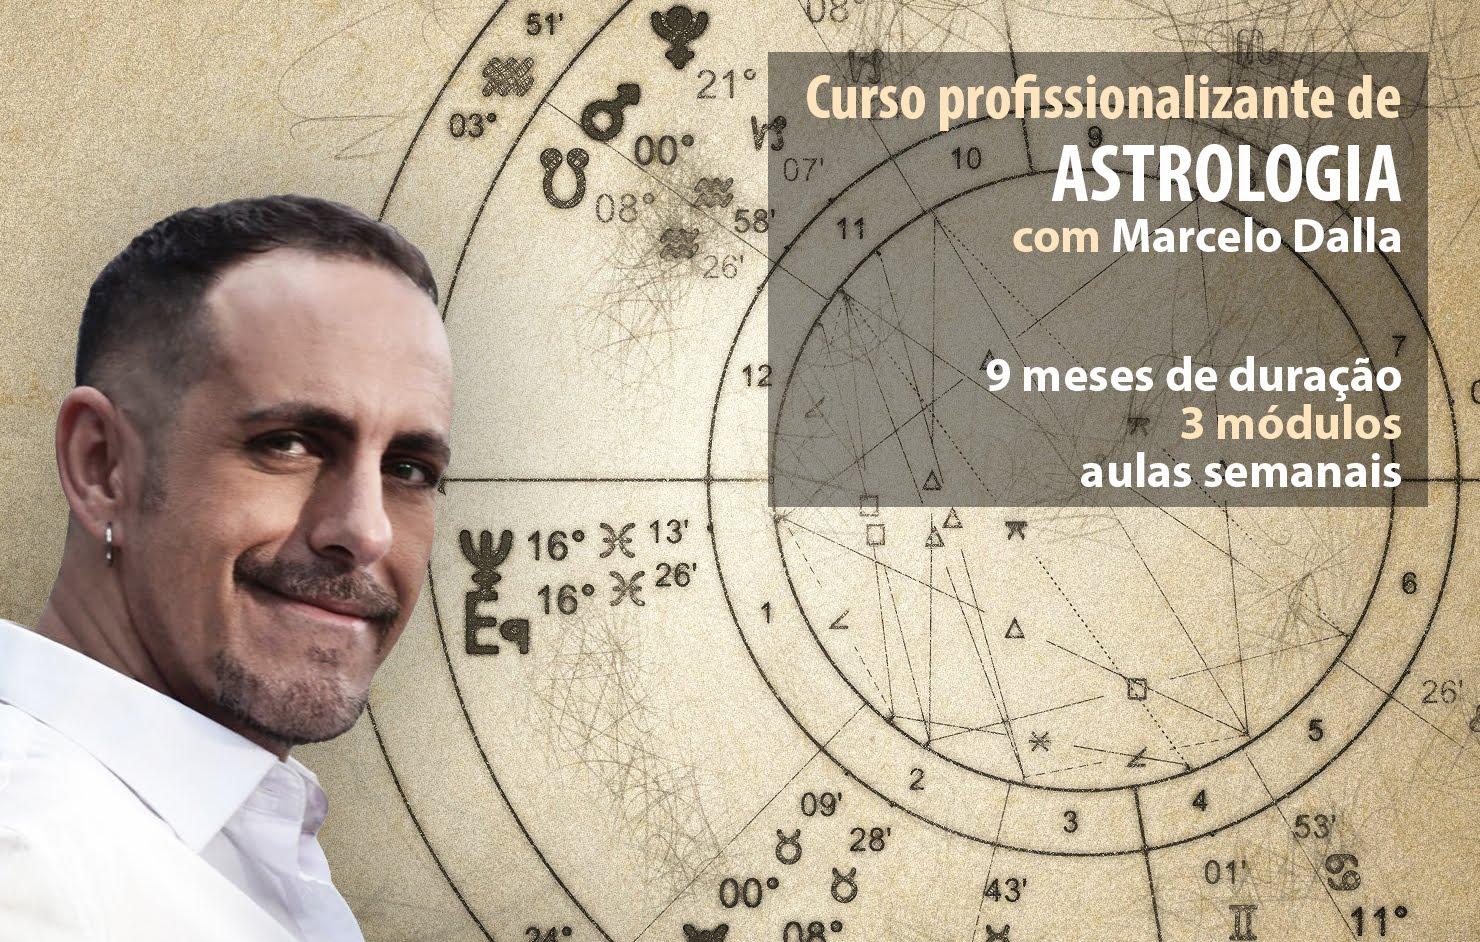 CURSO PROFISSIONALIZANTE DE ASTROLOGIA